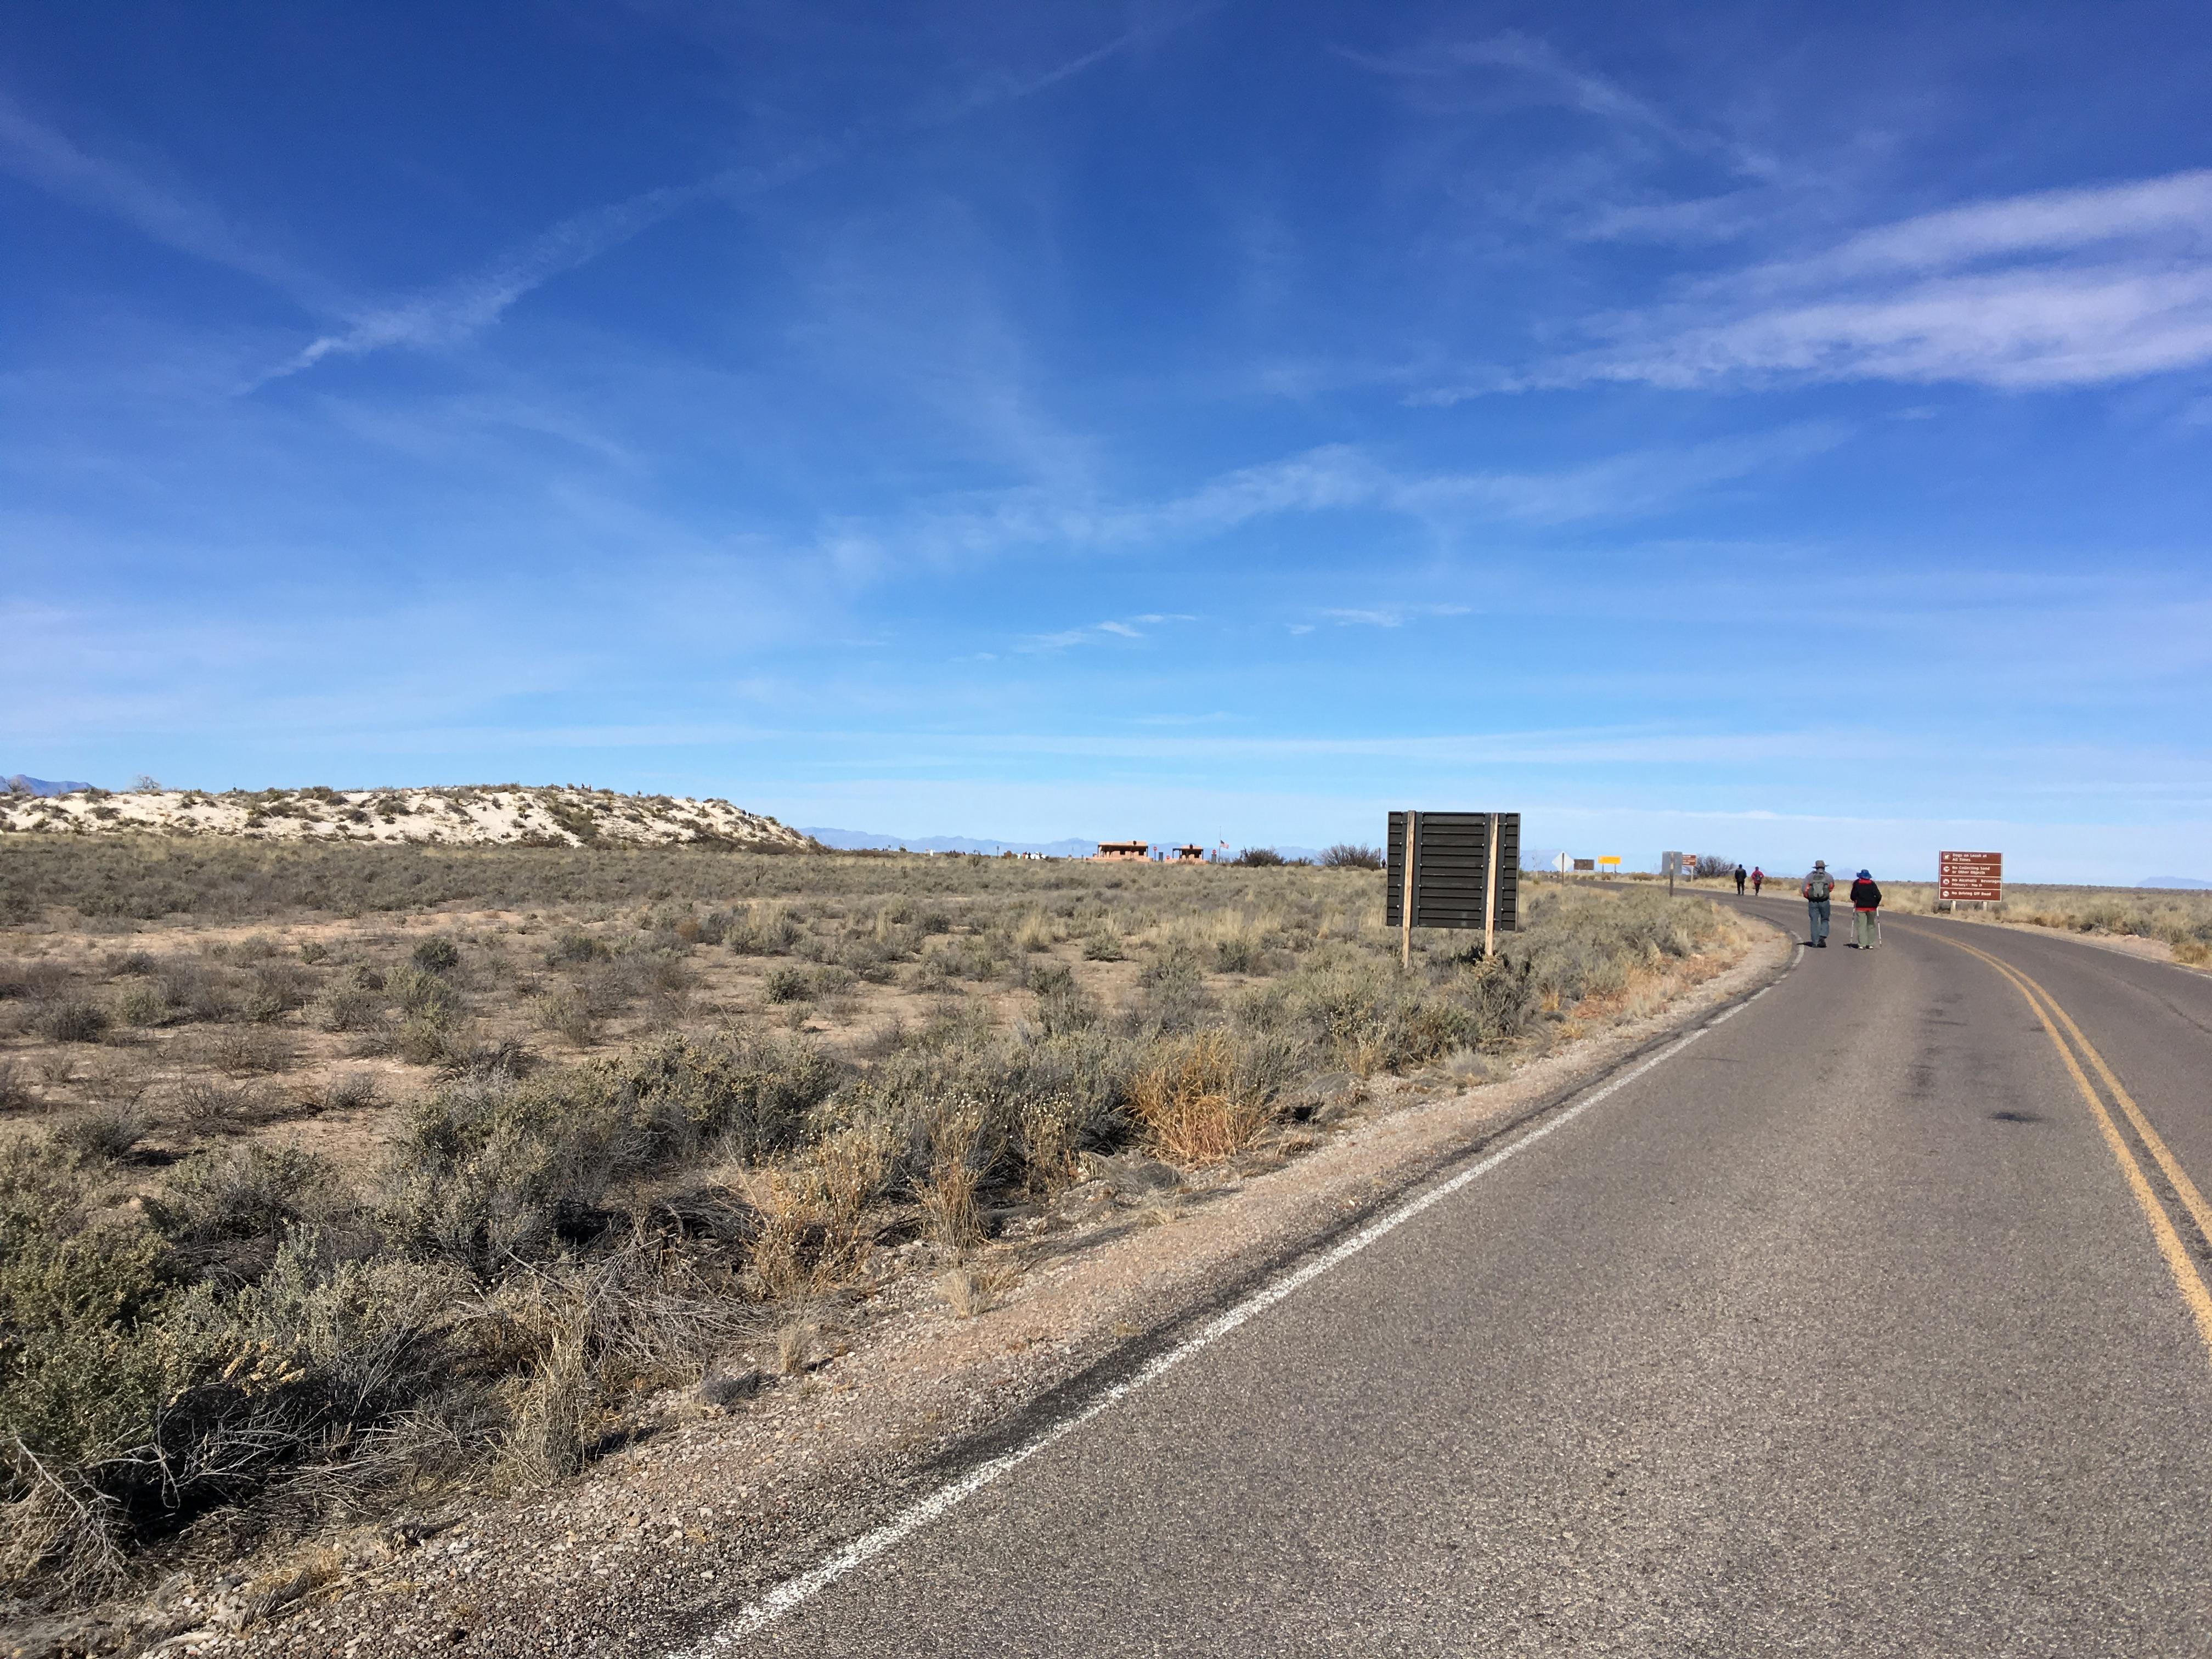 ニューメキシコ旅その1~ホワイトサンズ国立モニュメント